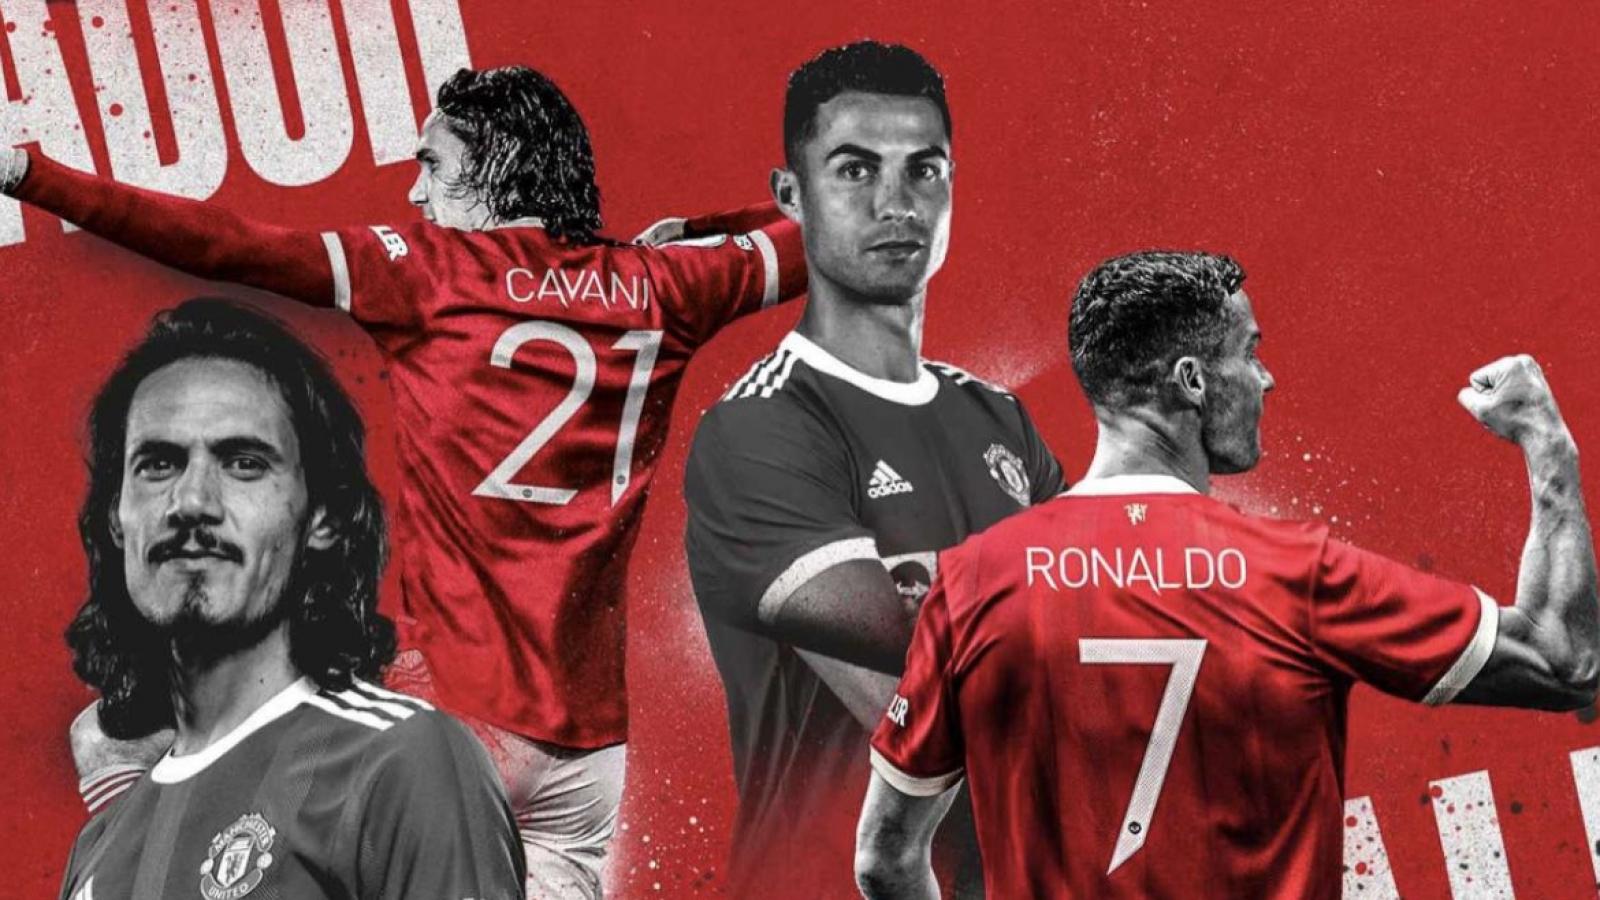 Cavani đổi số áo, Ronaldo chính thức nhận áo số 7 ở MU